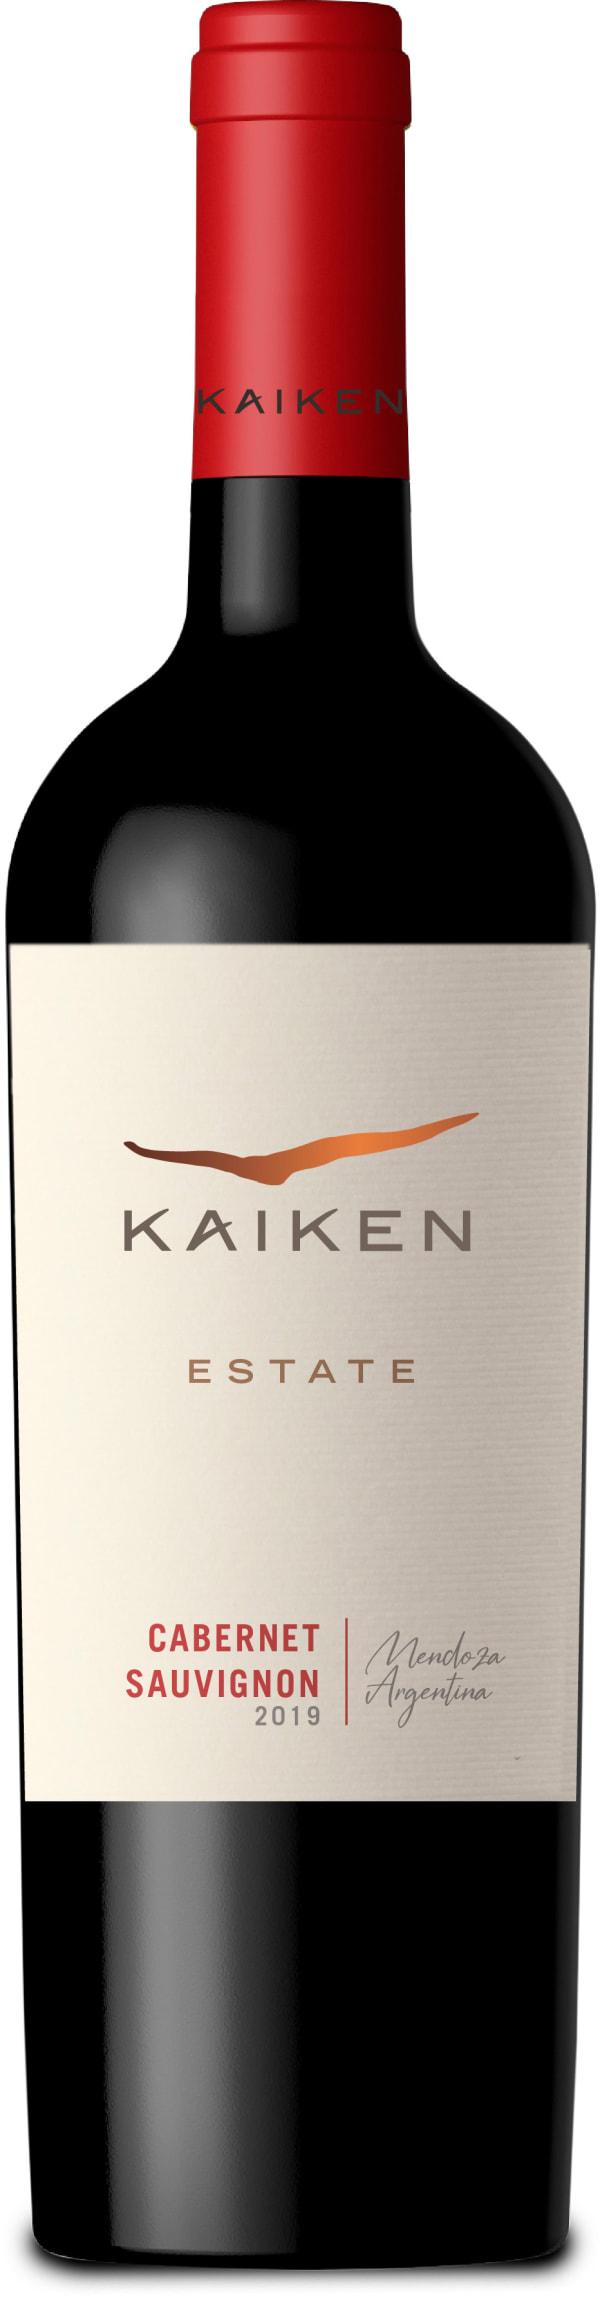 Kaiken Cabernet Sauvignon 2017